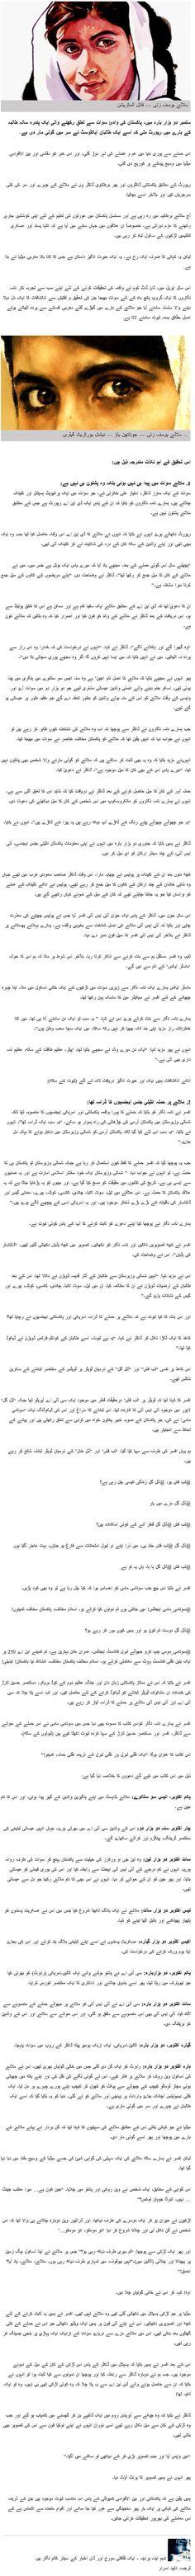 ندیم ایف پراچہ کی ملالہ یوسفزئی بارے پاکستان کی سب سے زیادہ پڑھی جانی والی سٹوری اب اردو میں ۔۔۔